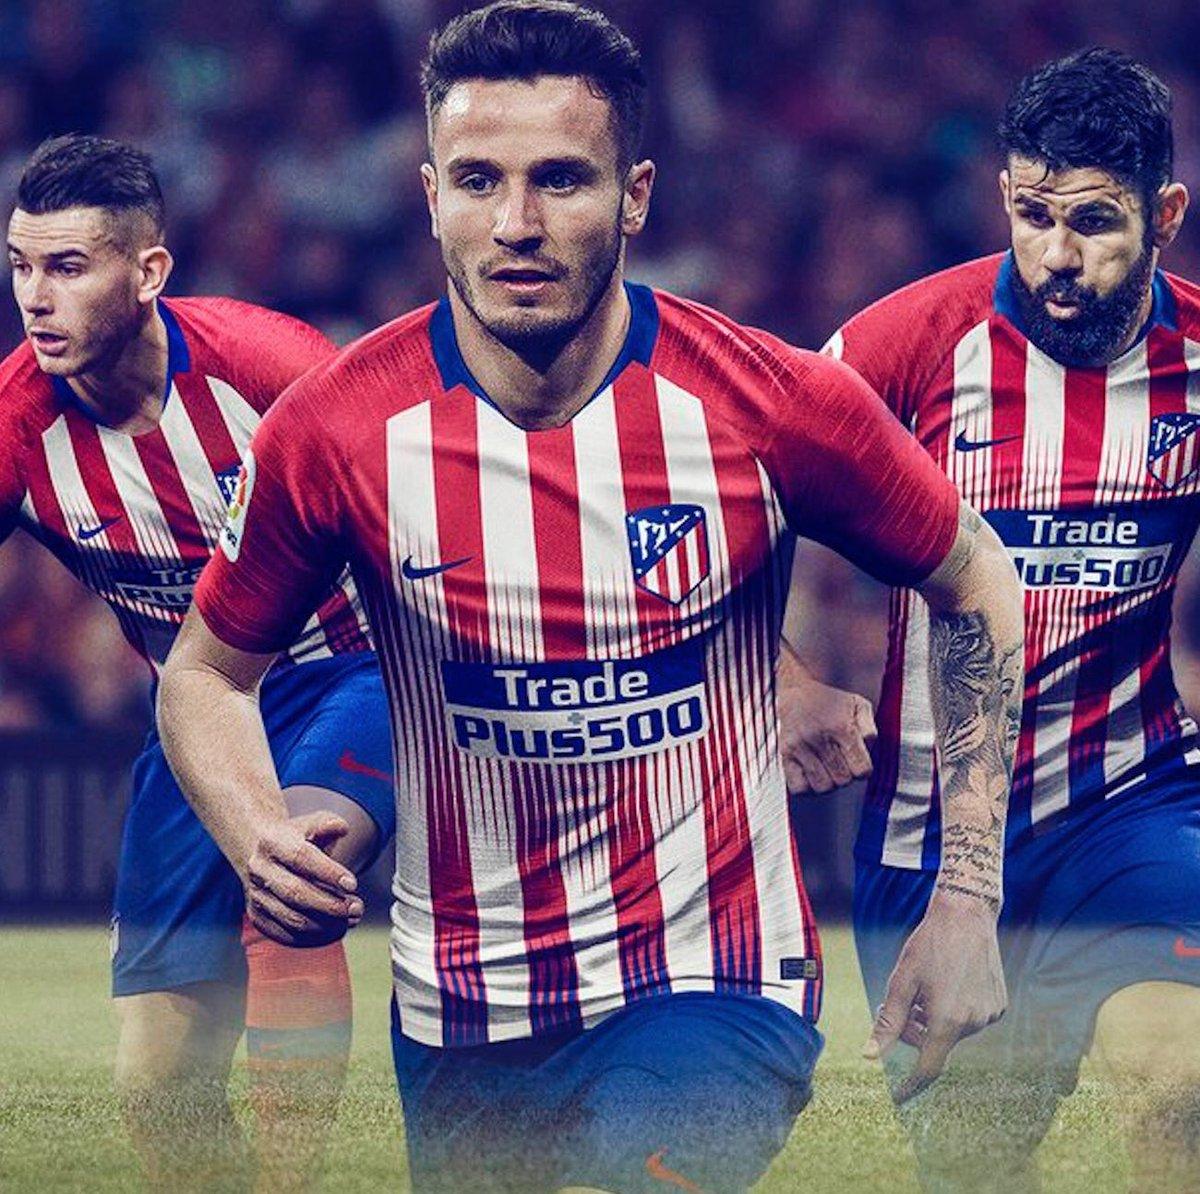 #NIKE ———OFFICIEL ! Les nouveaux maillots «domicile» de l'Atletico Madrid pour la saison 2018/2019.   - FestivalFocus